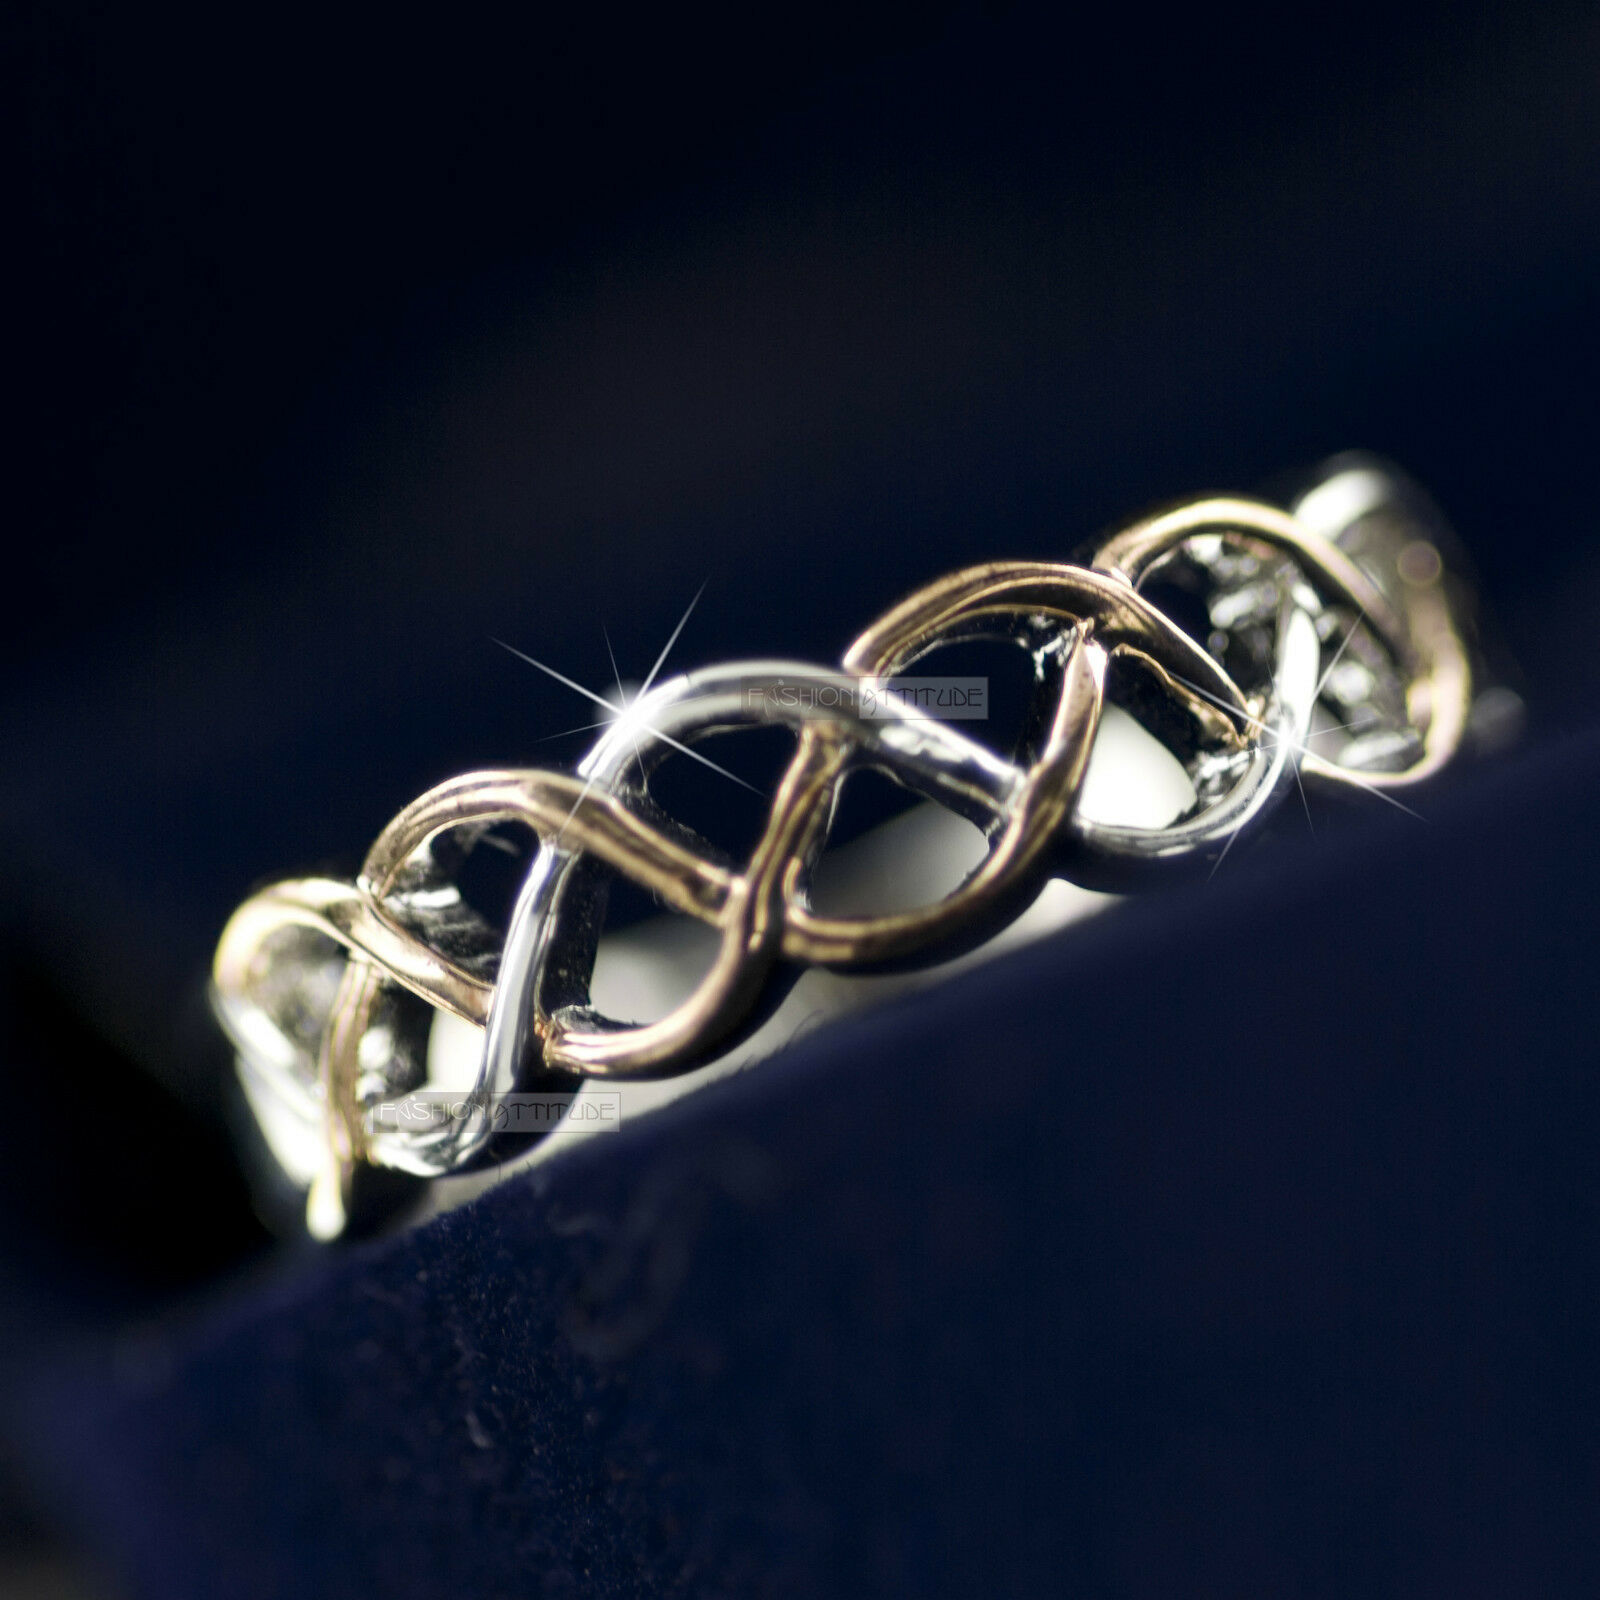 18k White Rose Gold Plated Women S Wedding Dress Filigree Ring Ebay